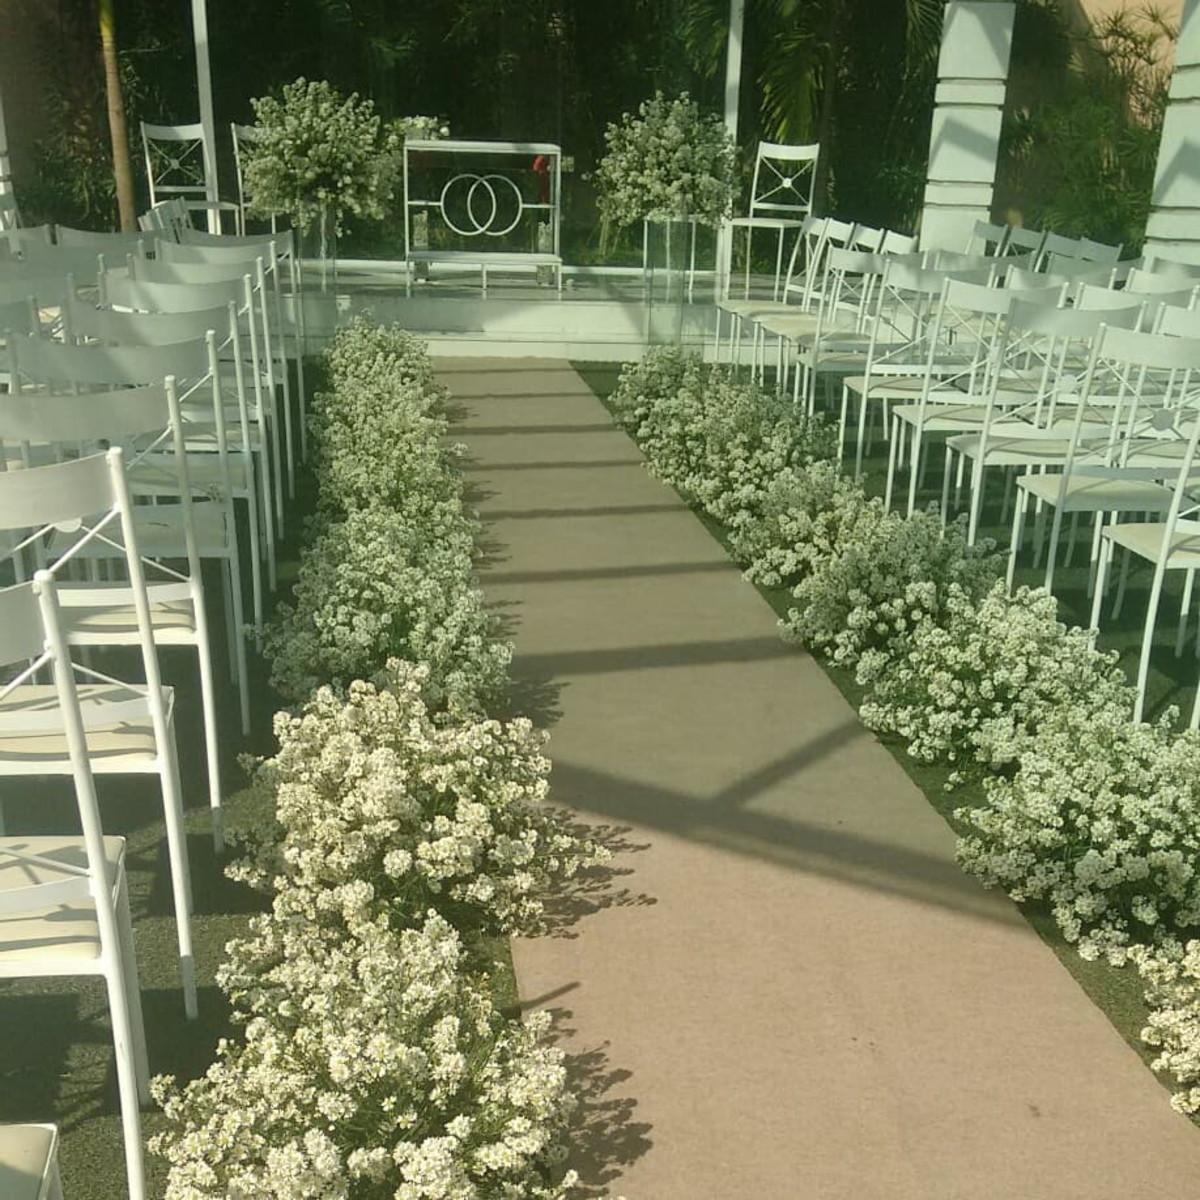 Cerim u00f4nia de casamento com flor natural deÁster no Elo7 Requint Festas Decorações (C06532) -> Decoração De Bolo Com Flor Natural